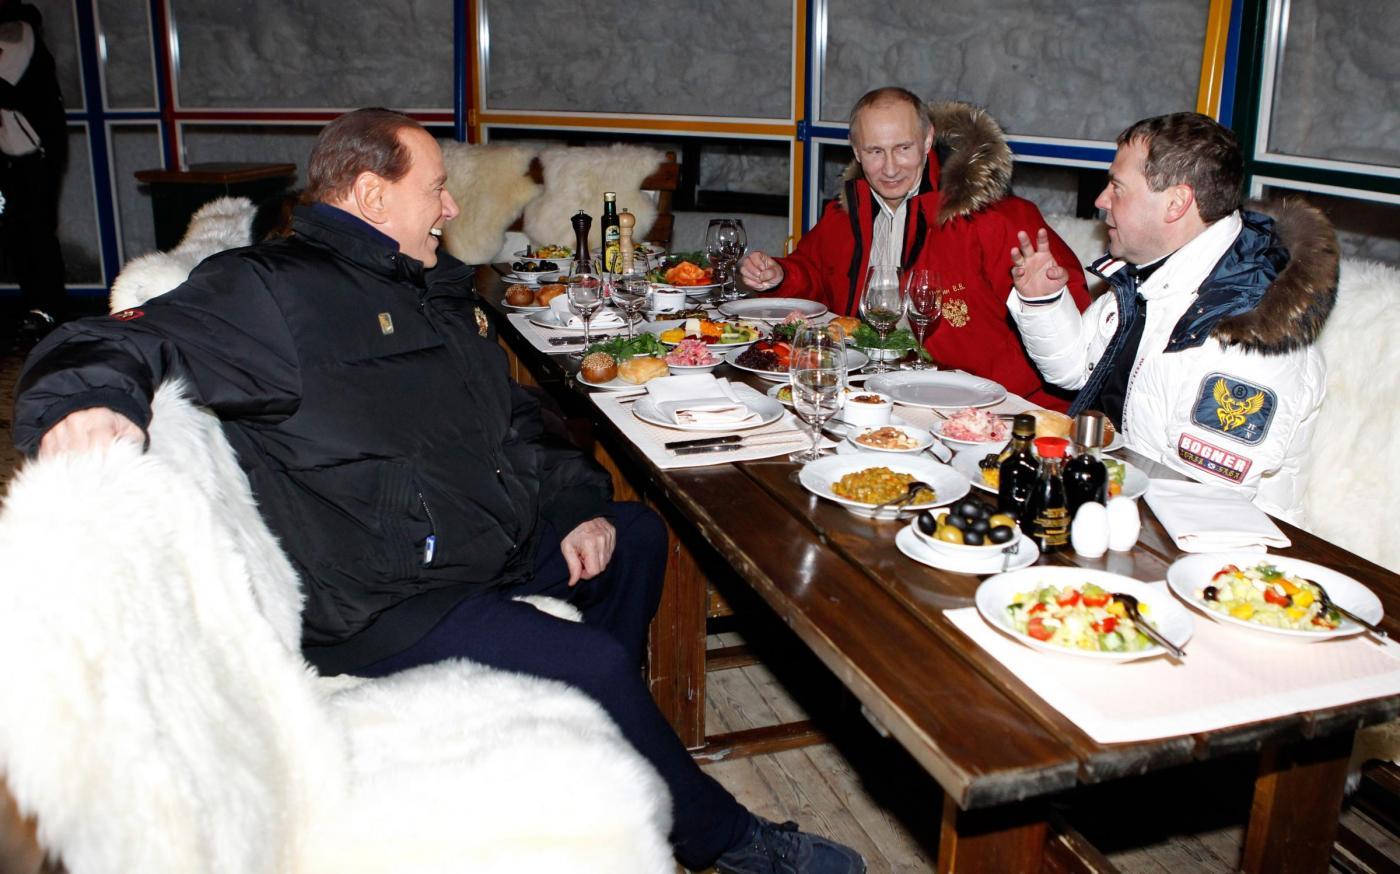 Russia, incontro in montagna tra Berlusconi, Putin e Medvedev019